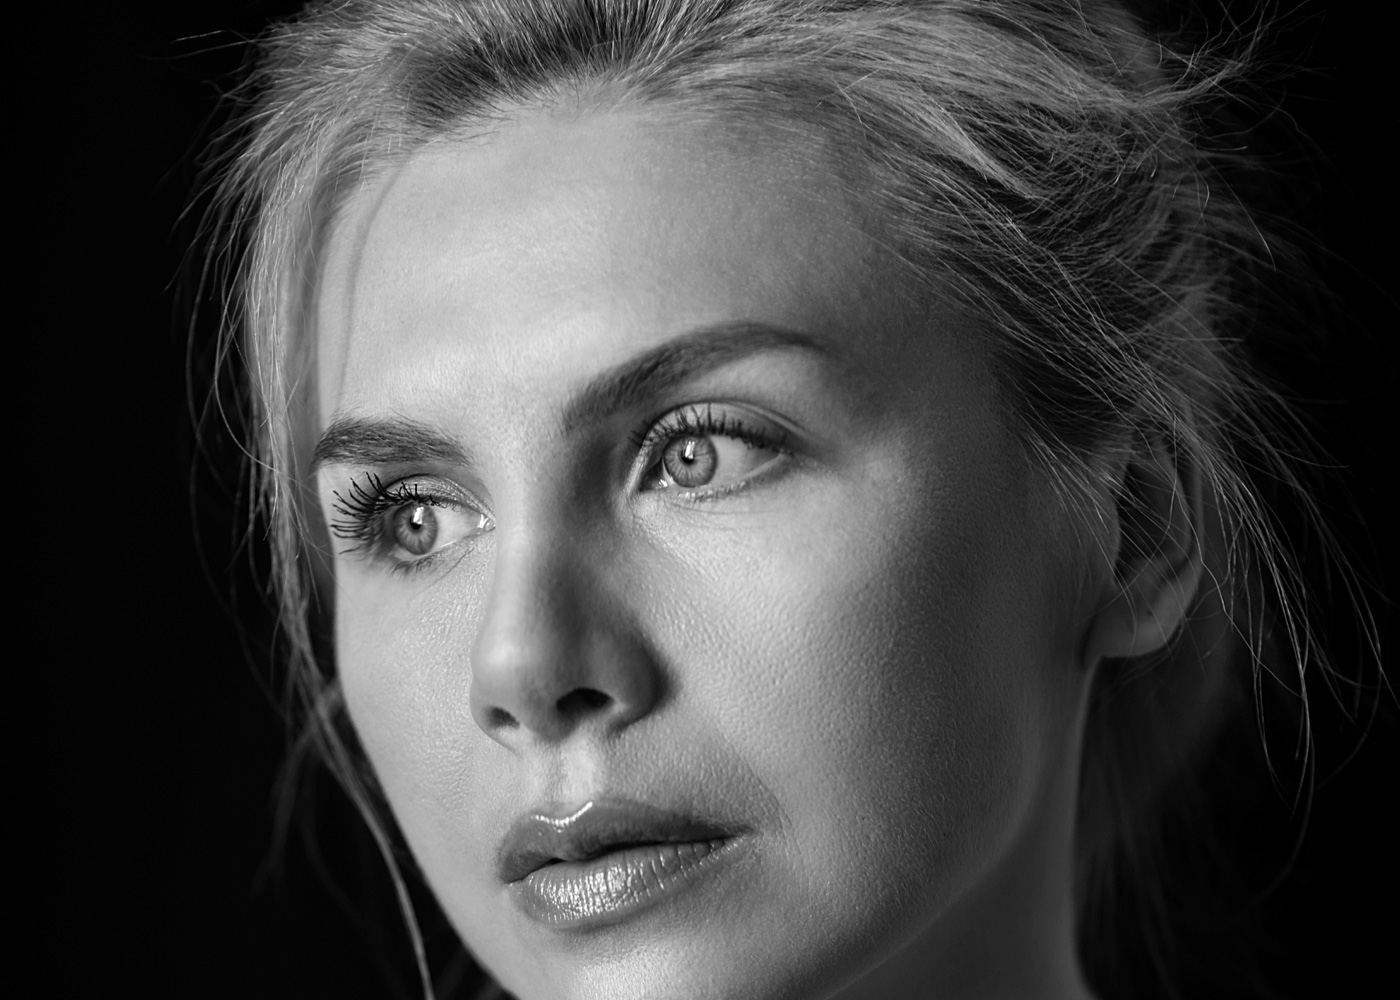 Аліна Карпенко – актриса театру і кіно